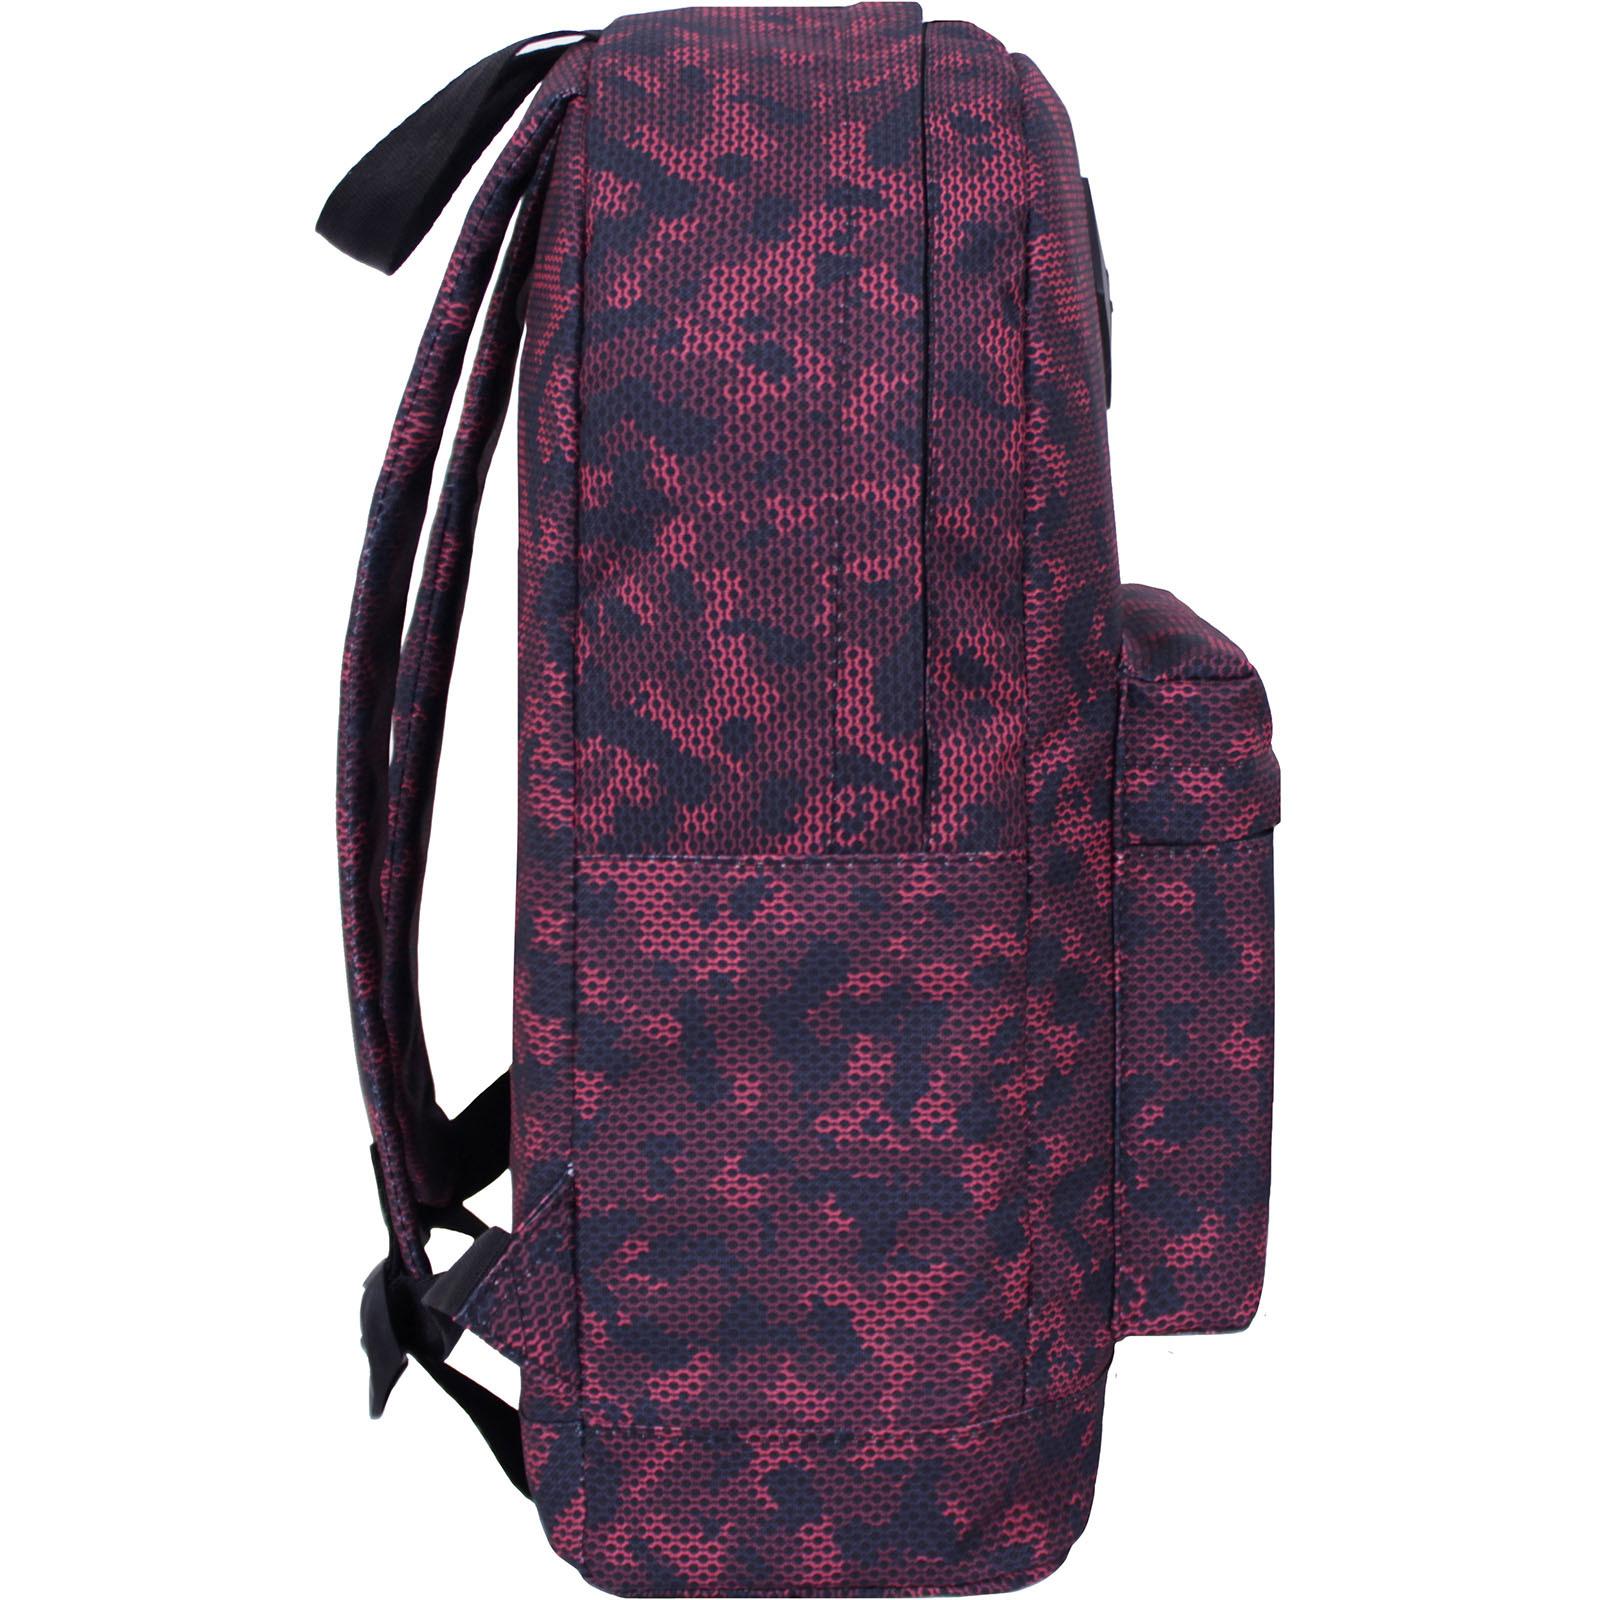 Рюкзак Bagland Молодежный (дизайн) 17 л. сублімація 466 (00533664) фото 2